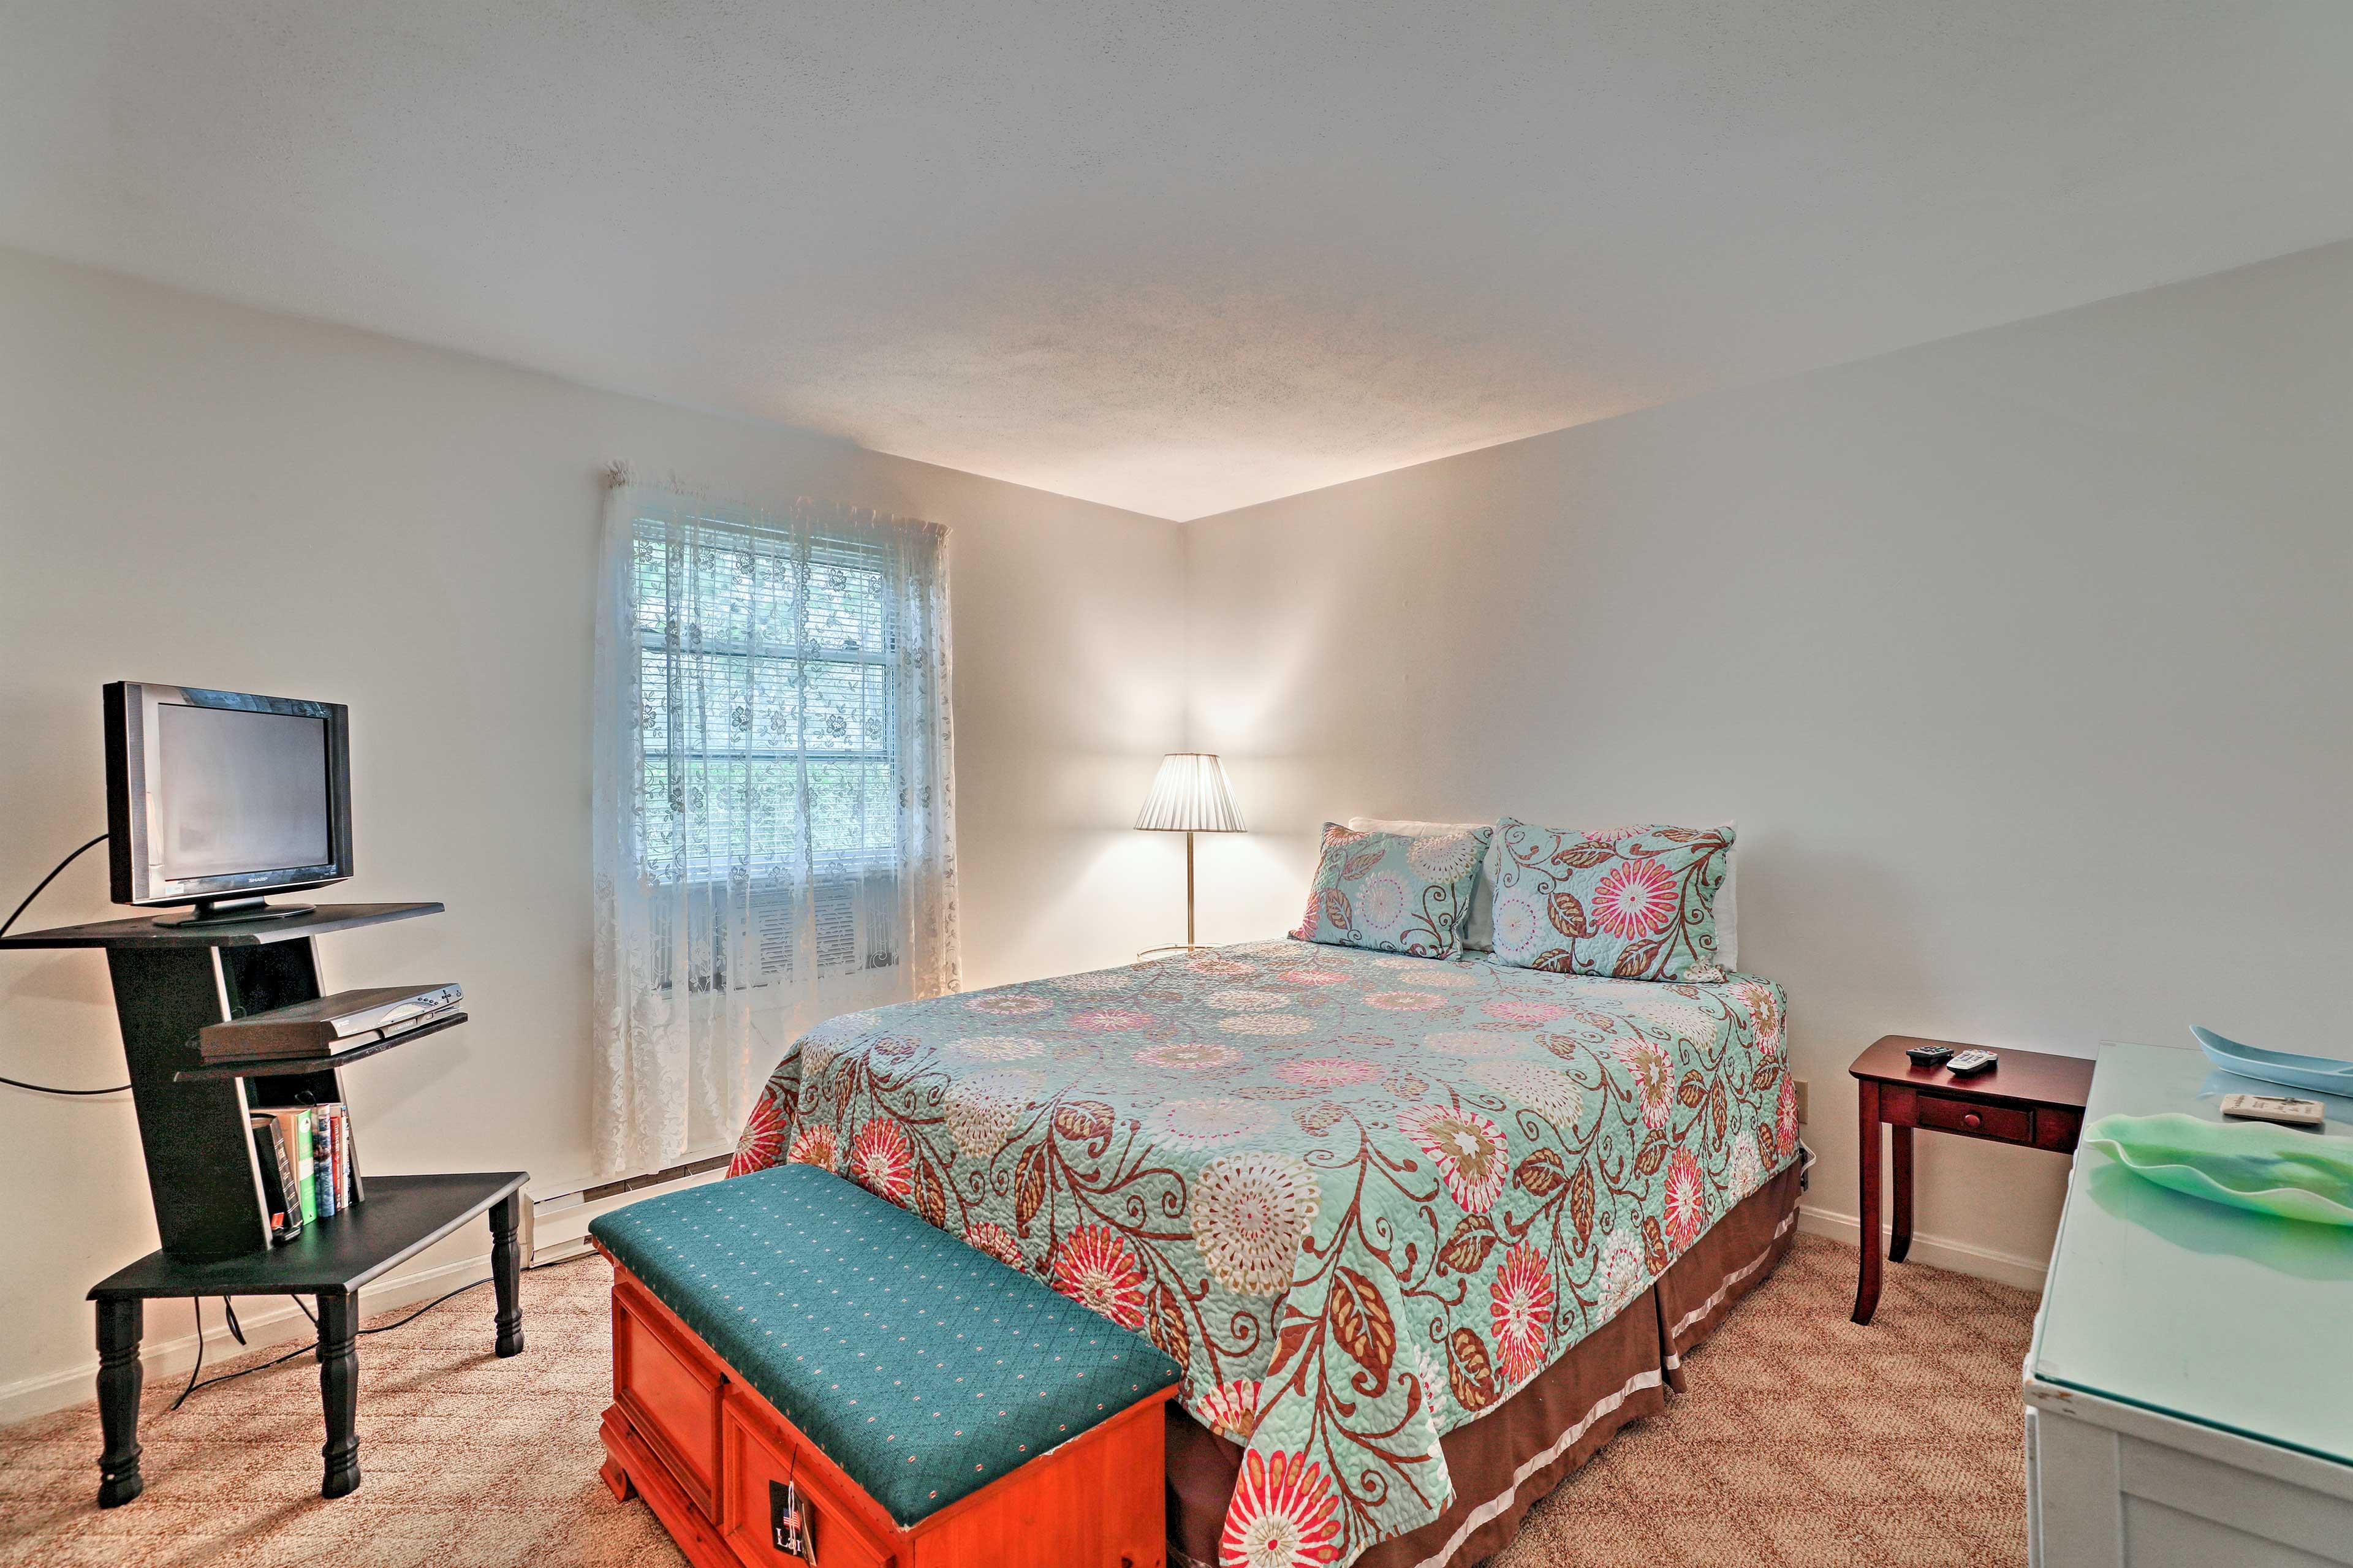 Enjoy quiet evenings on a queen bed in the master bedroom.